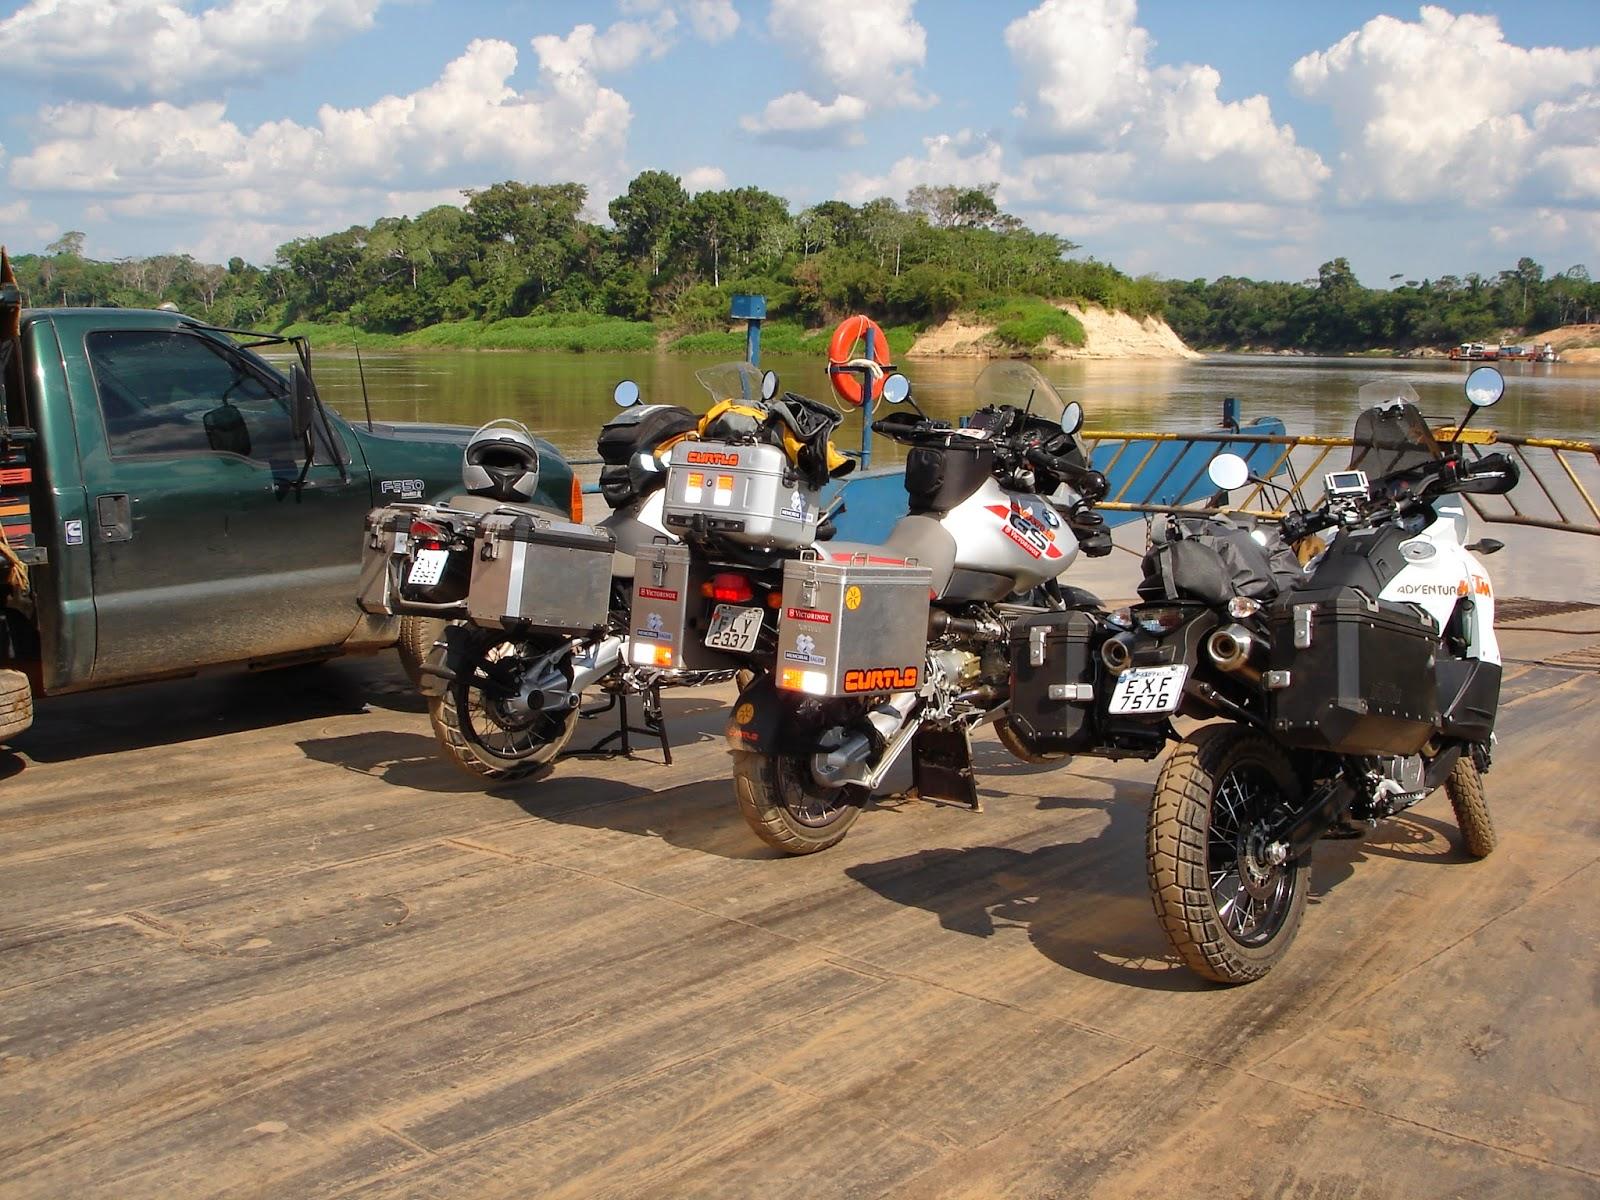 005 DSC02126 - AVENTURA: SALAR DE UYUNI E LAGUNAS BOLIVIANAS VIA ACRE